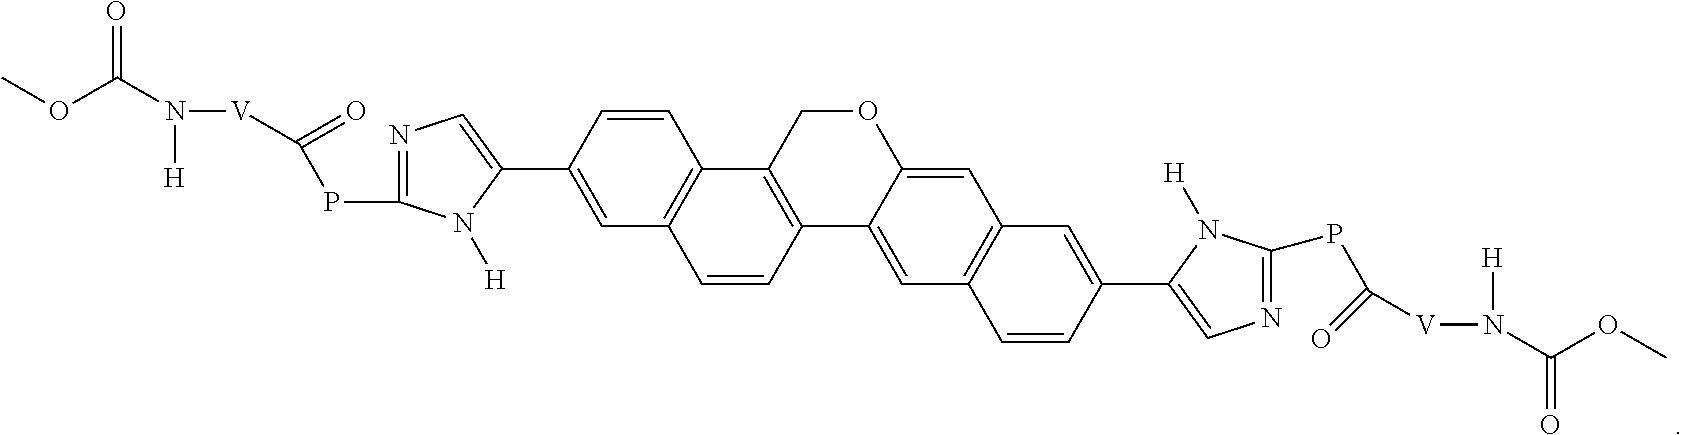 Figure US08822430-20140902-C00251